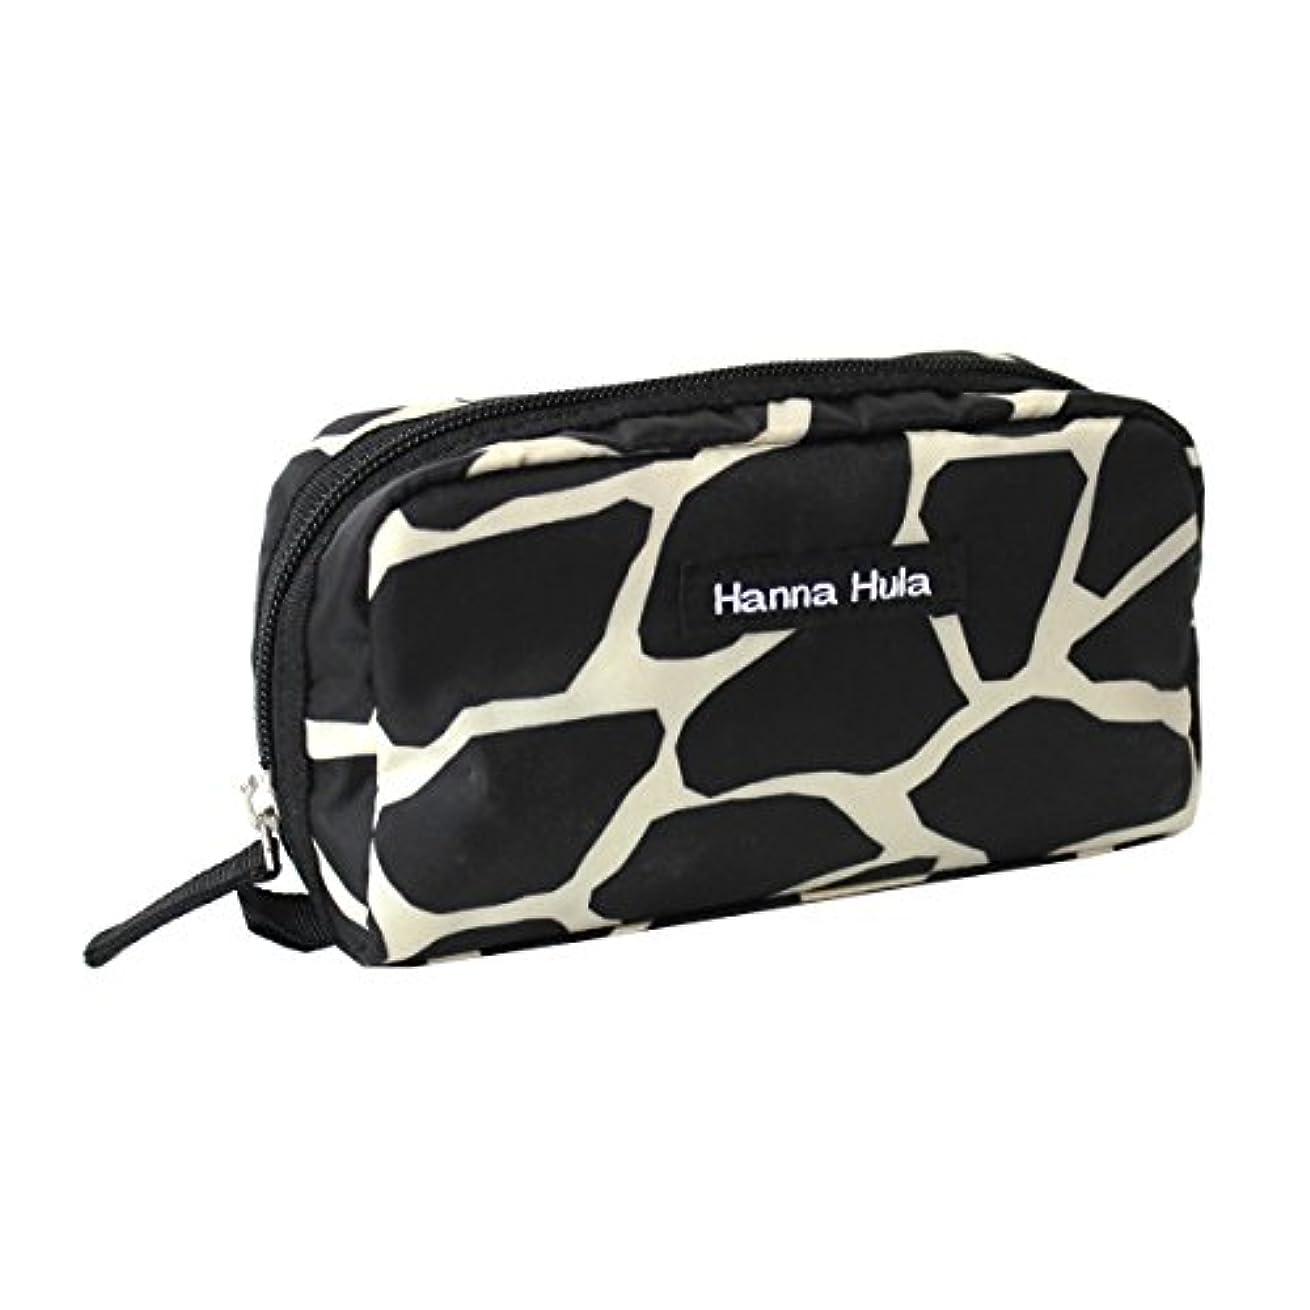 のぞき見報酬の建築Hanna Hula ペット ミニポーチ ポケット付き 軽量 ジラフブラック 横17×縦9×奥行き5cm 61g